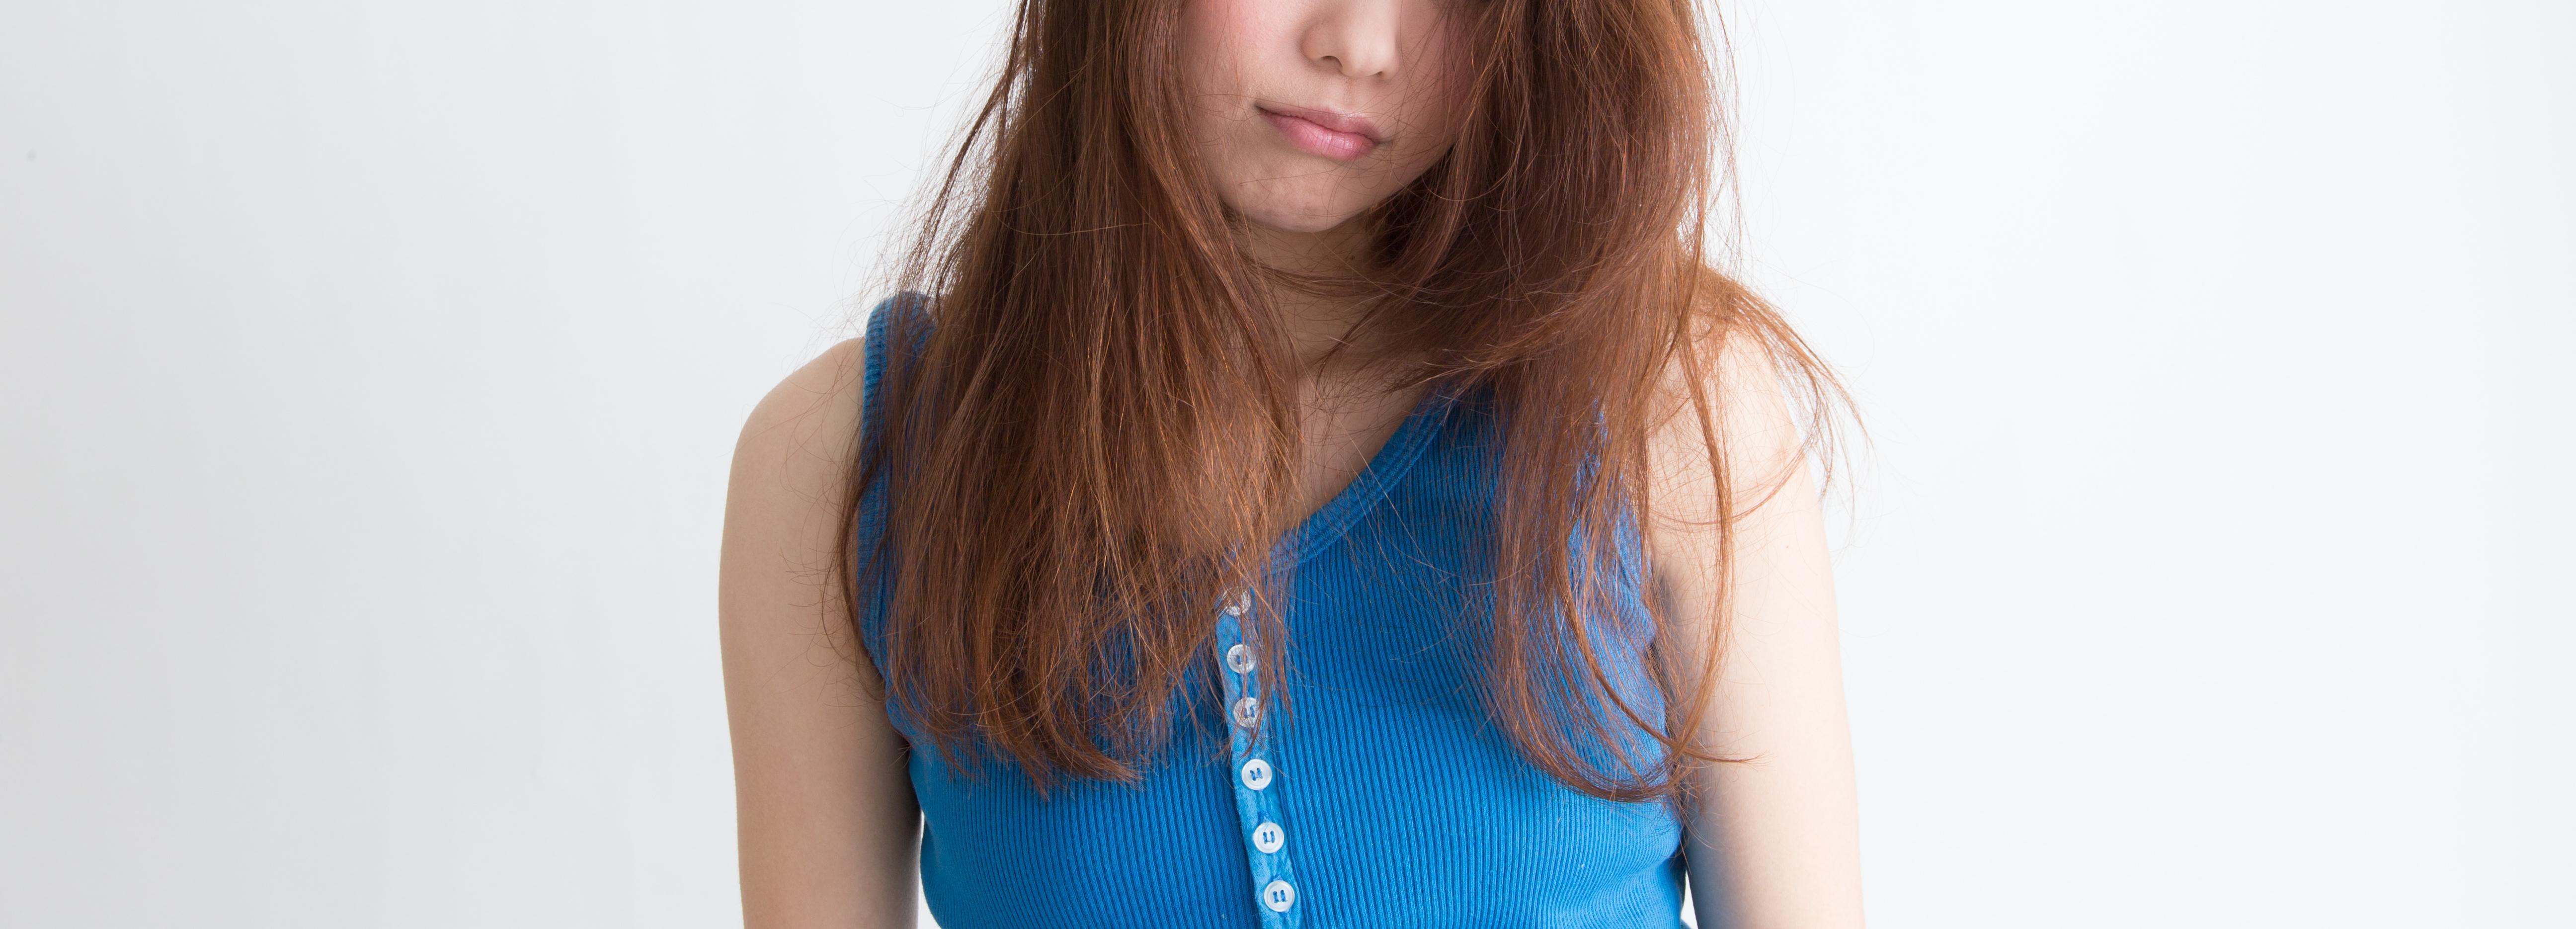 髪がボサボサな女性